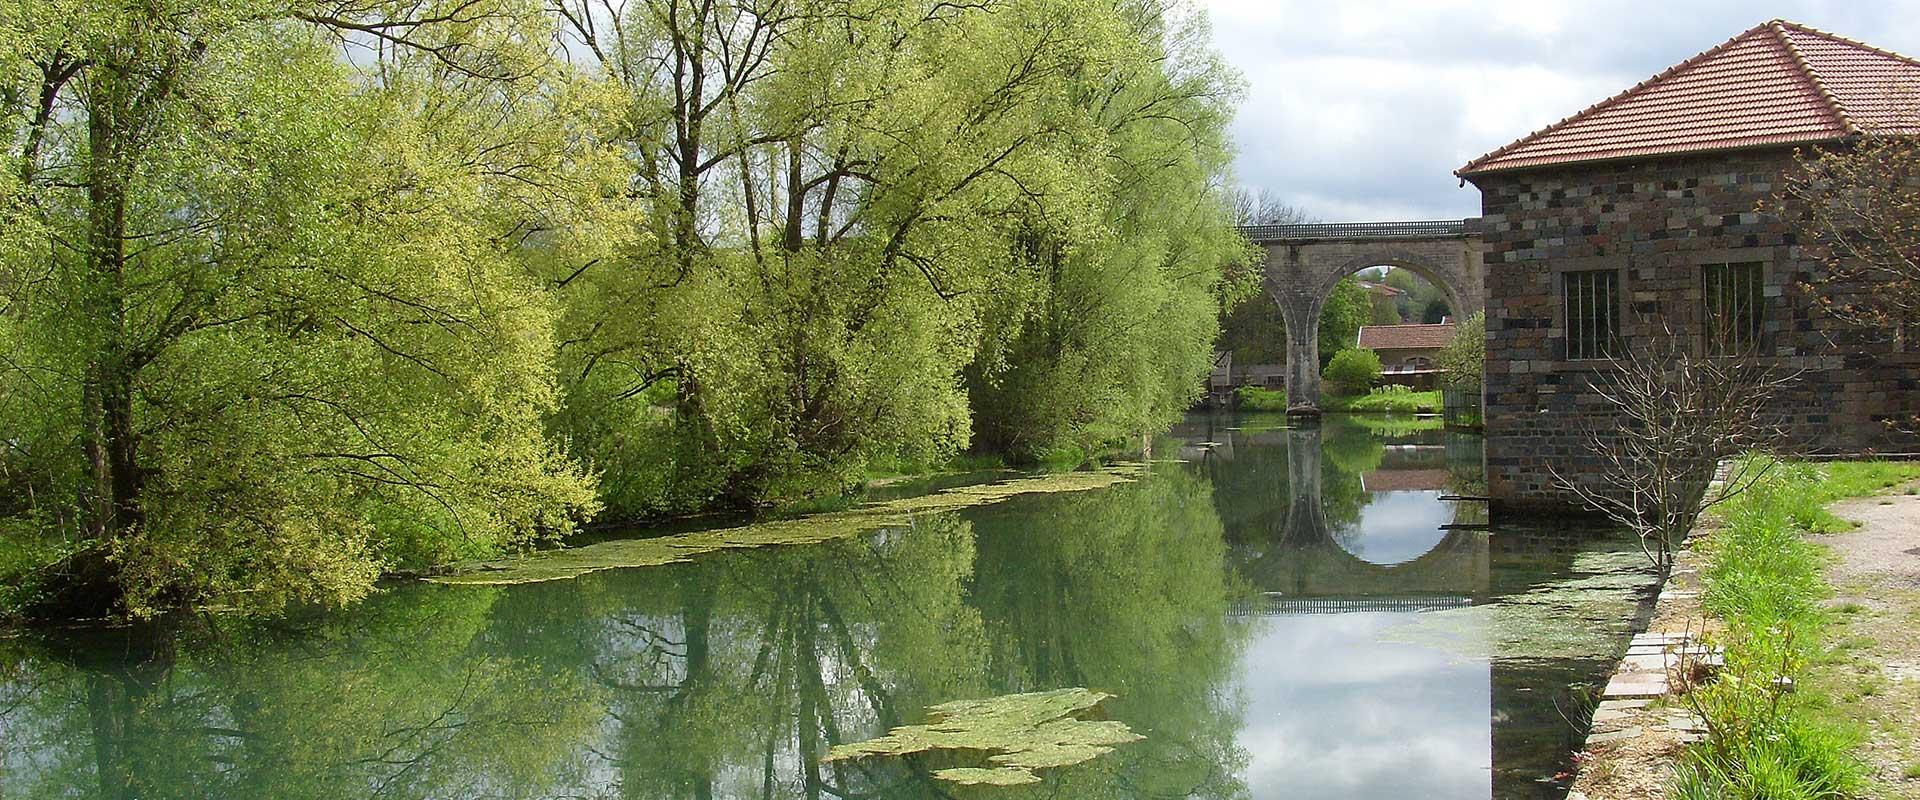 patrimoine-gondrecourt-le-chateau